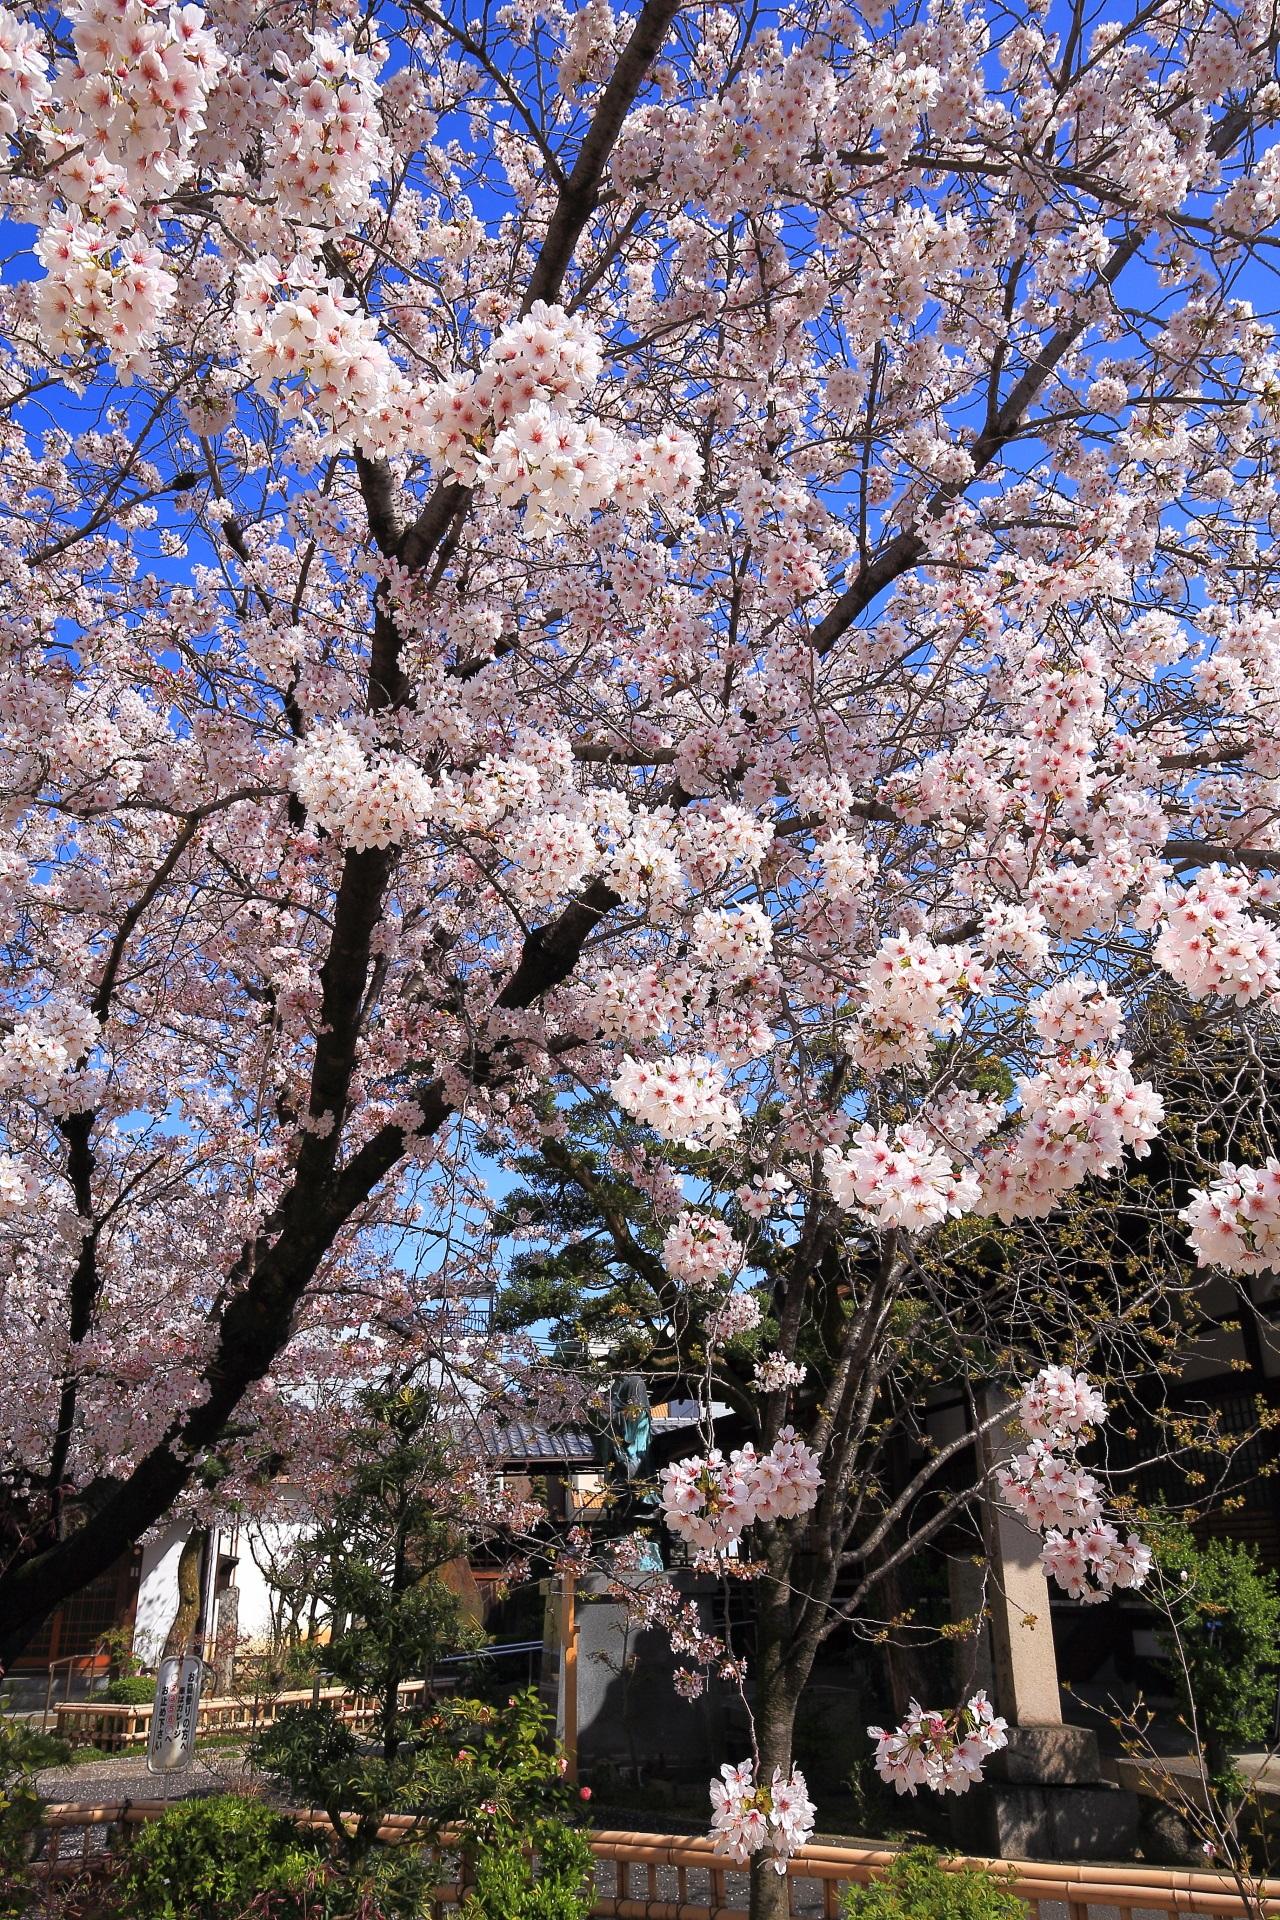 墨染寺のこぼれ落ちんばかりに咲き誇る墨染桜